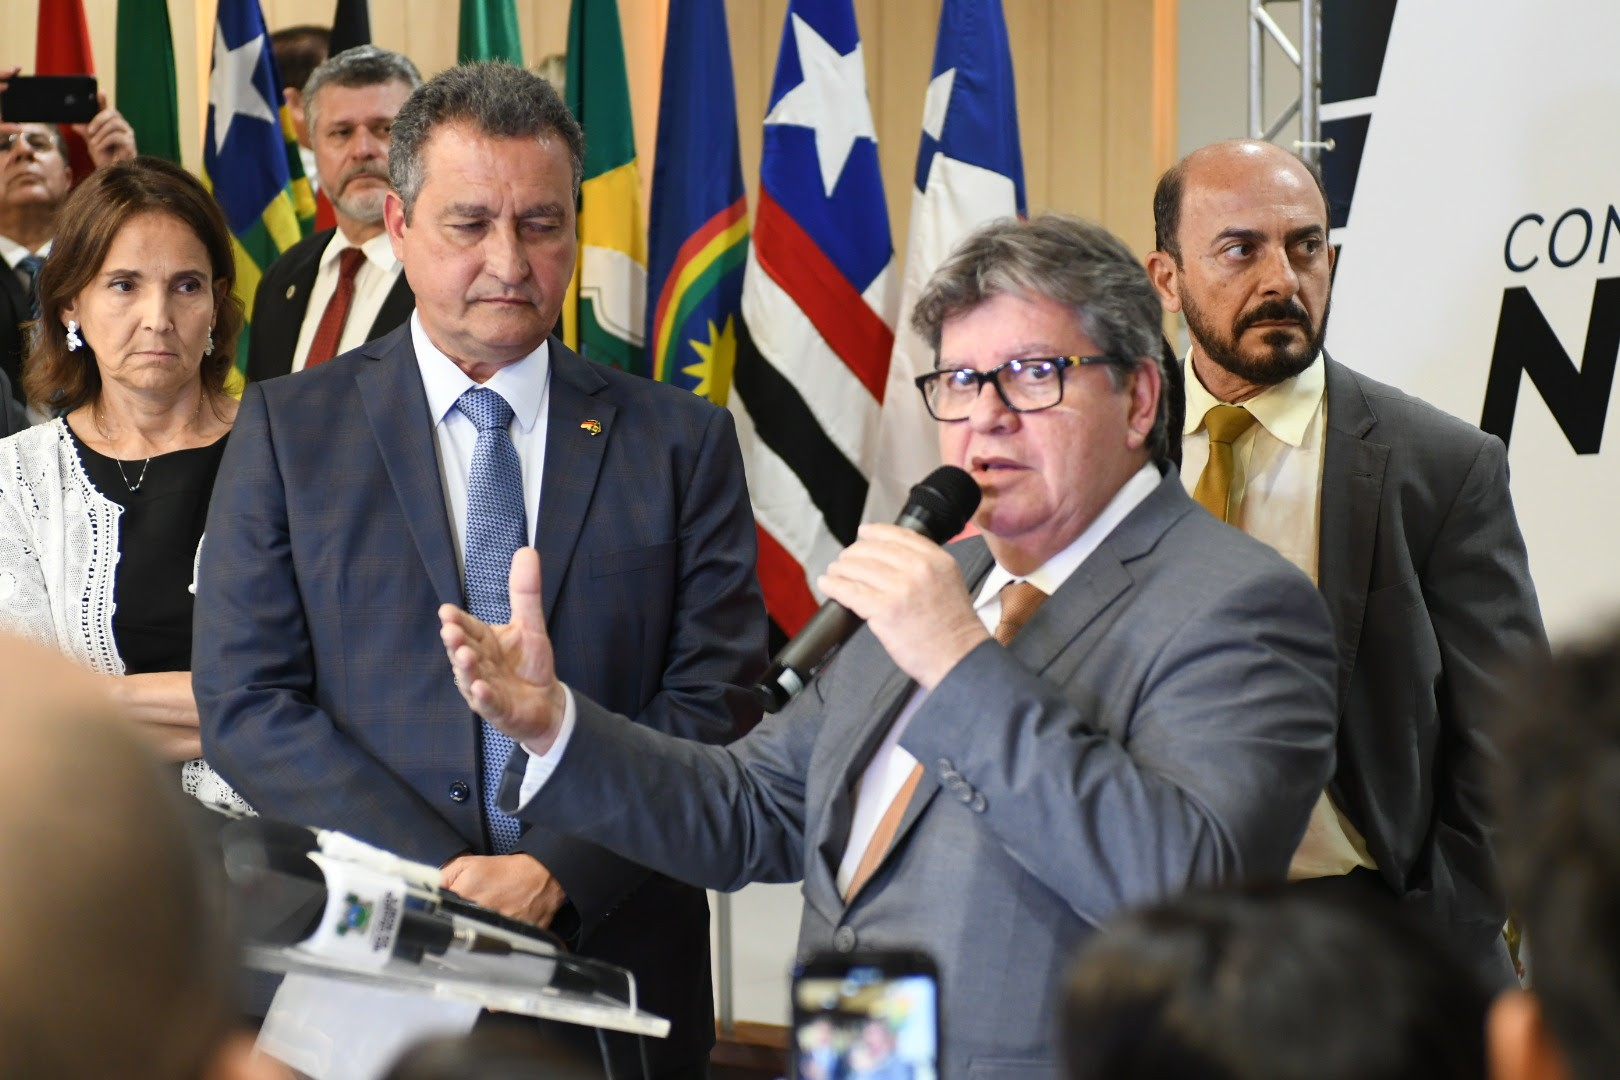 Aplicativo da PB que permite consulta de preços vai ser usado em outros estados do Nordeste - Notícias - Plantão Diário